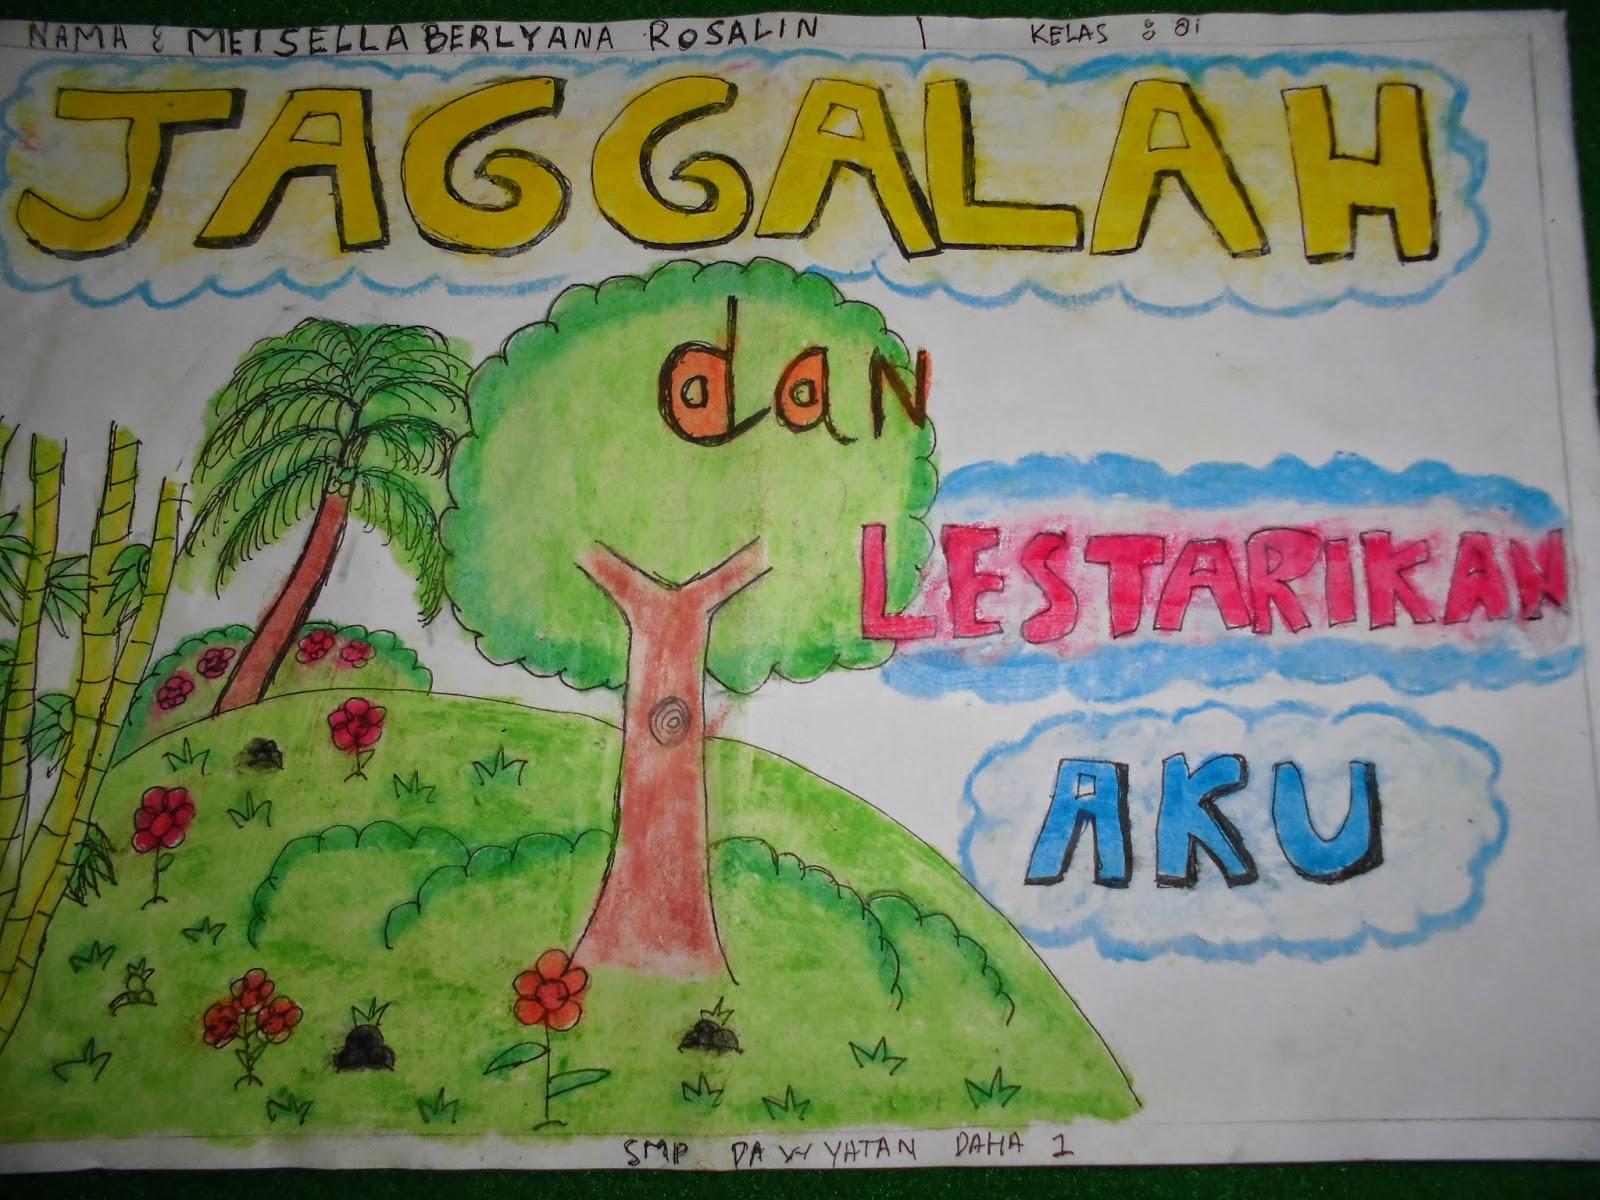 Slogan Pendidikan Smp Skl Mata Pelajaran Smp Mts Bsnp Indonesia Kumpulan Slogan Siswa Kelas 8h Pendidikan Bahasa Sastra Indonesia